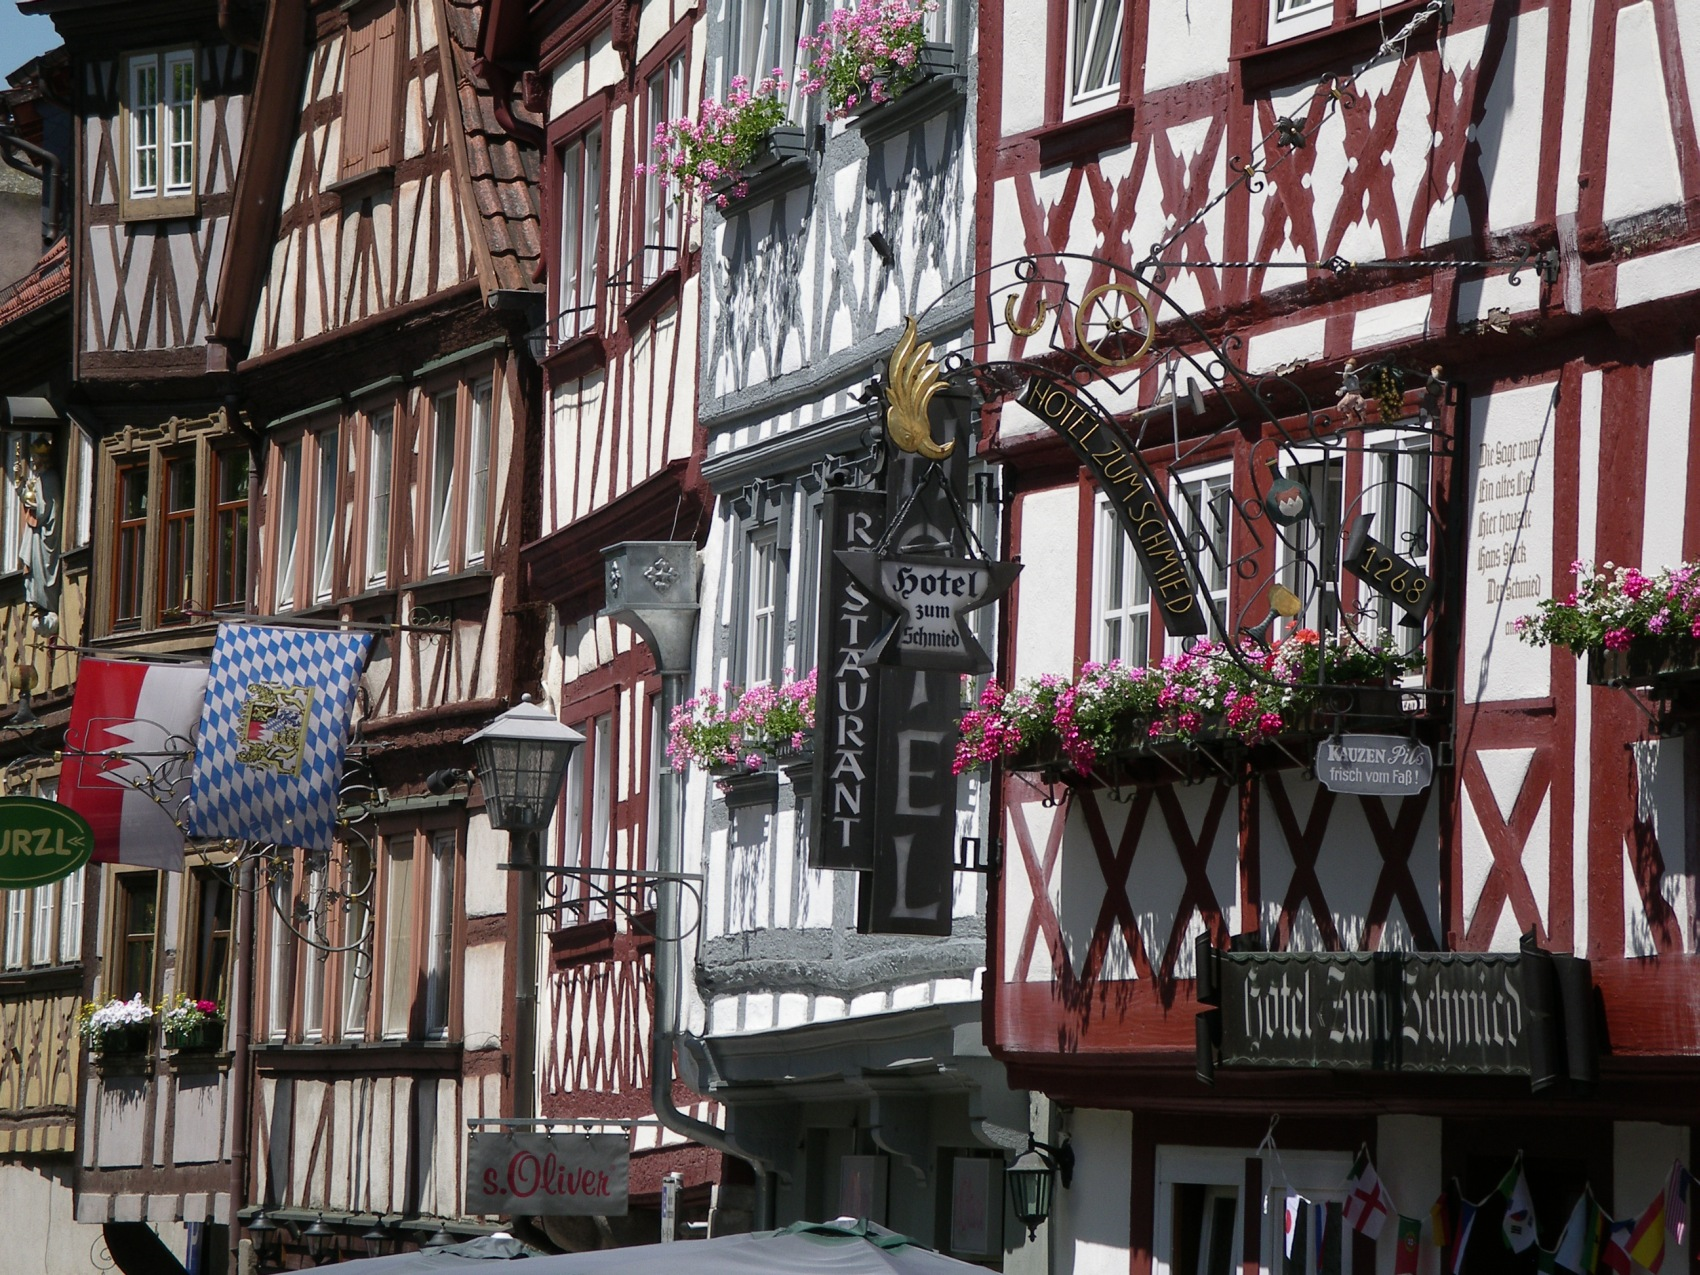 Baugutachter Darmstadt zurück zur startseite wasi de postkarten 2 mainradweg 169 ochsenfurt fachwerkhaeuser